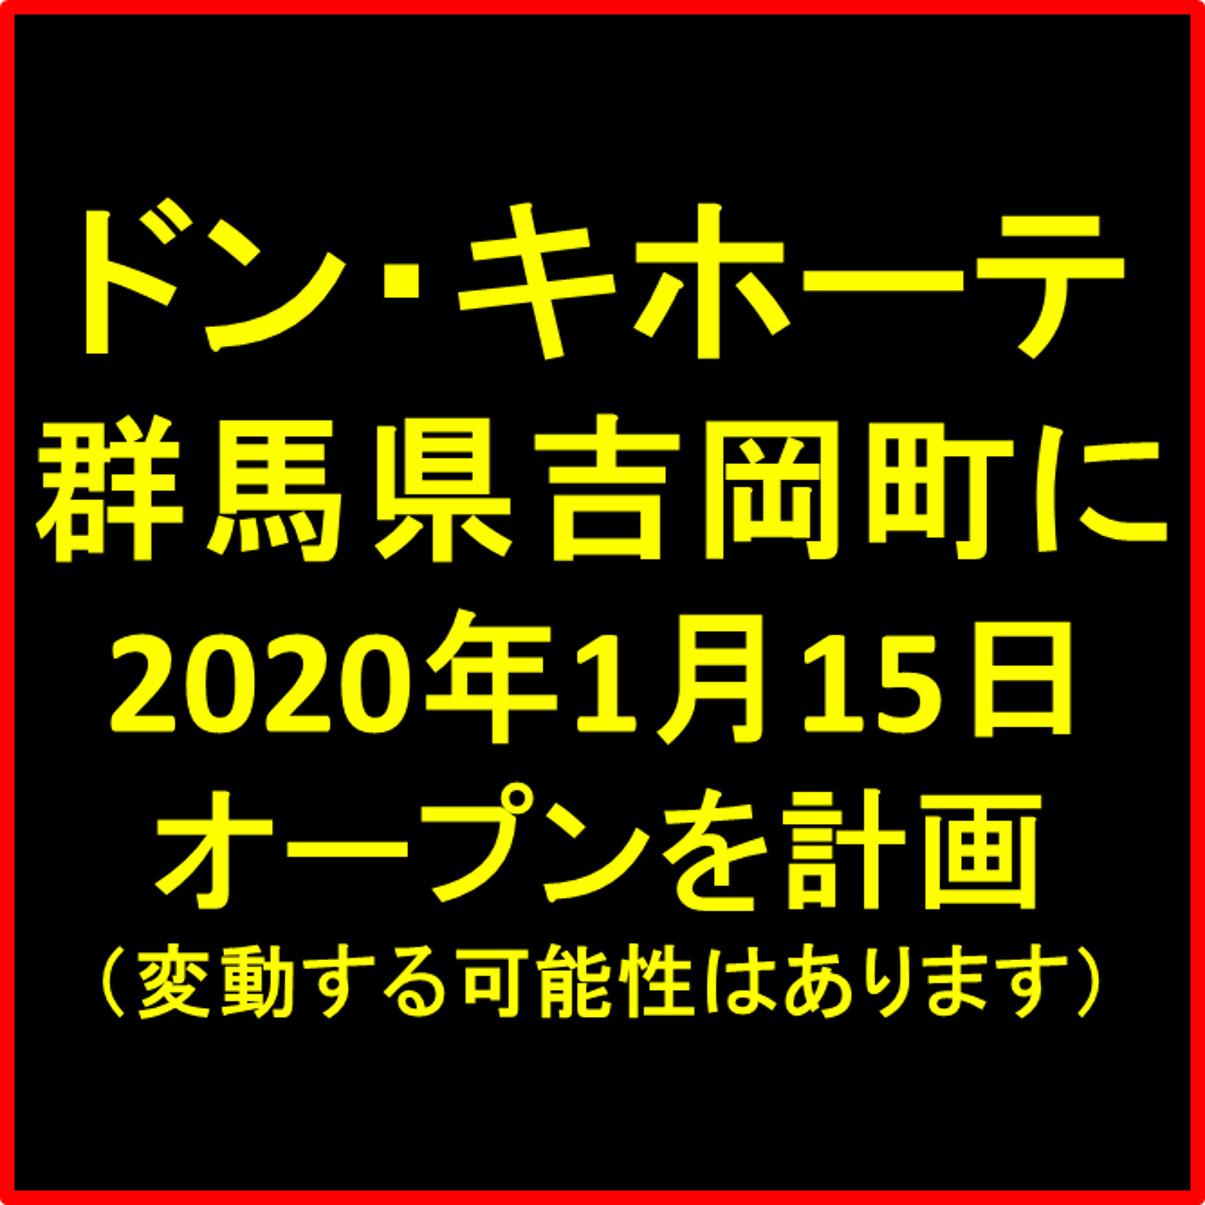 ドンキホーテ群馬県吉岡町20200115オープン計画アイキャッチ1205